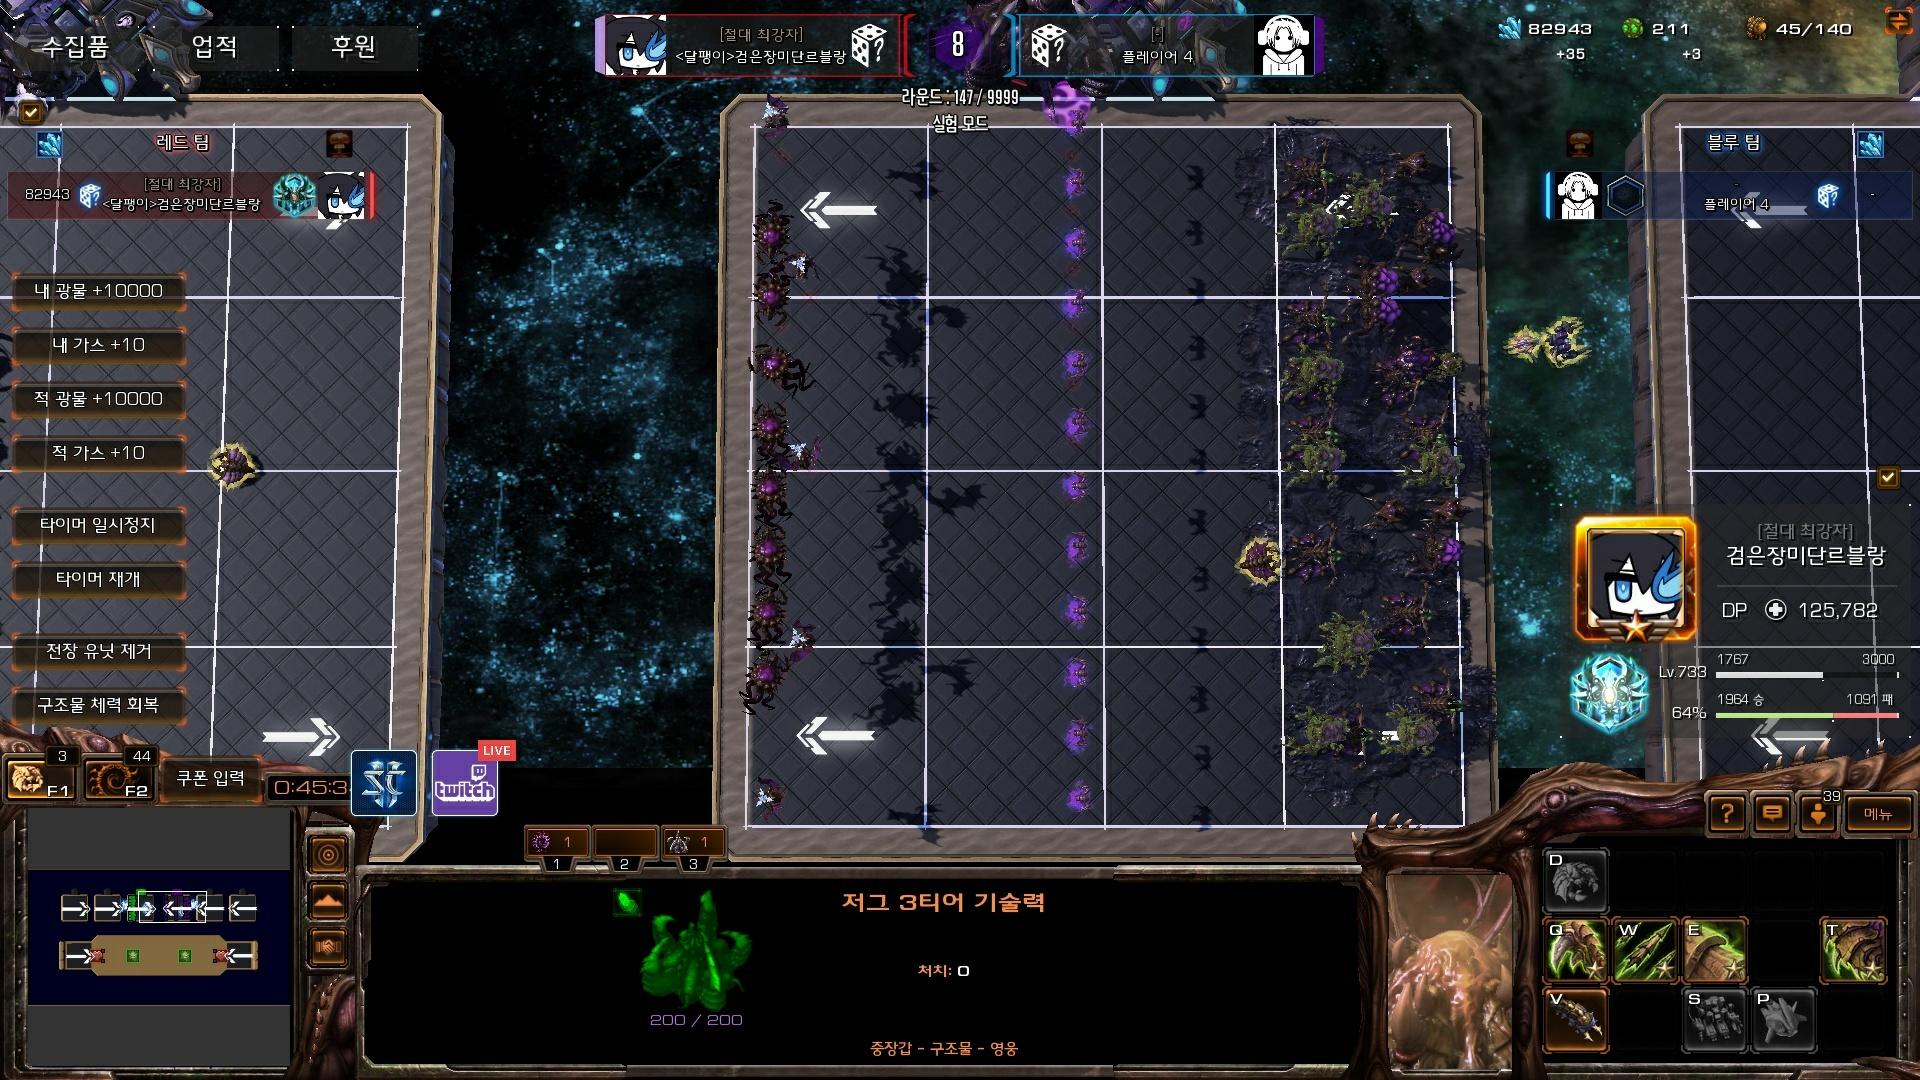 Screenshot2020-02-15 16_07_49.jpg